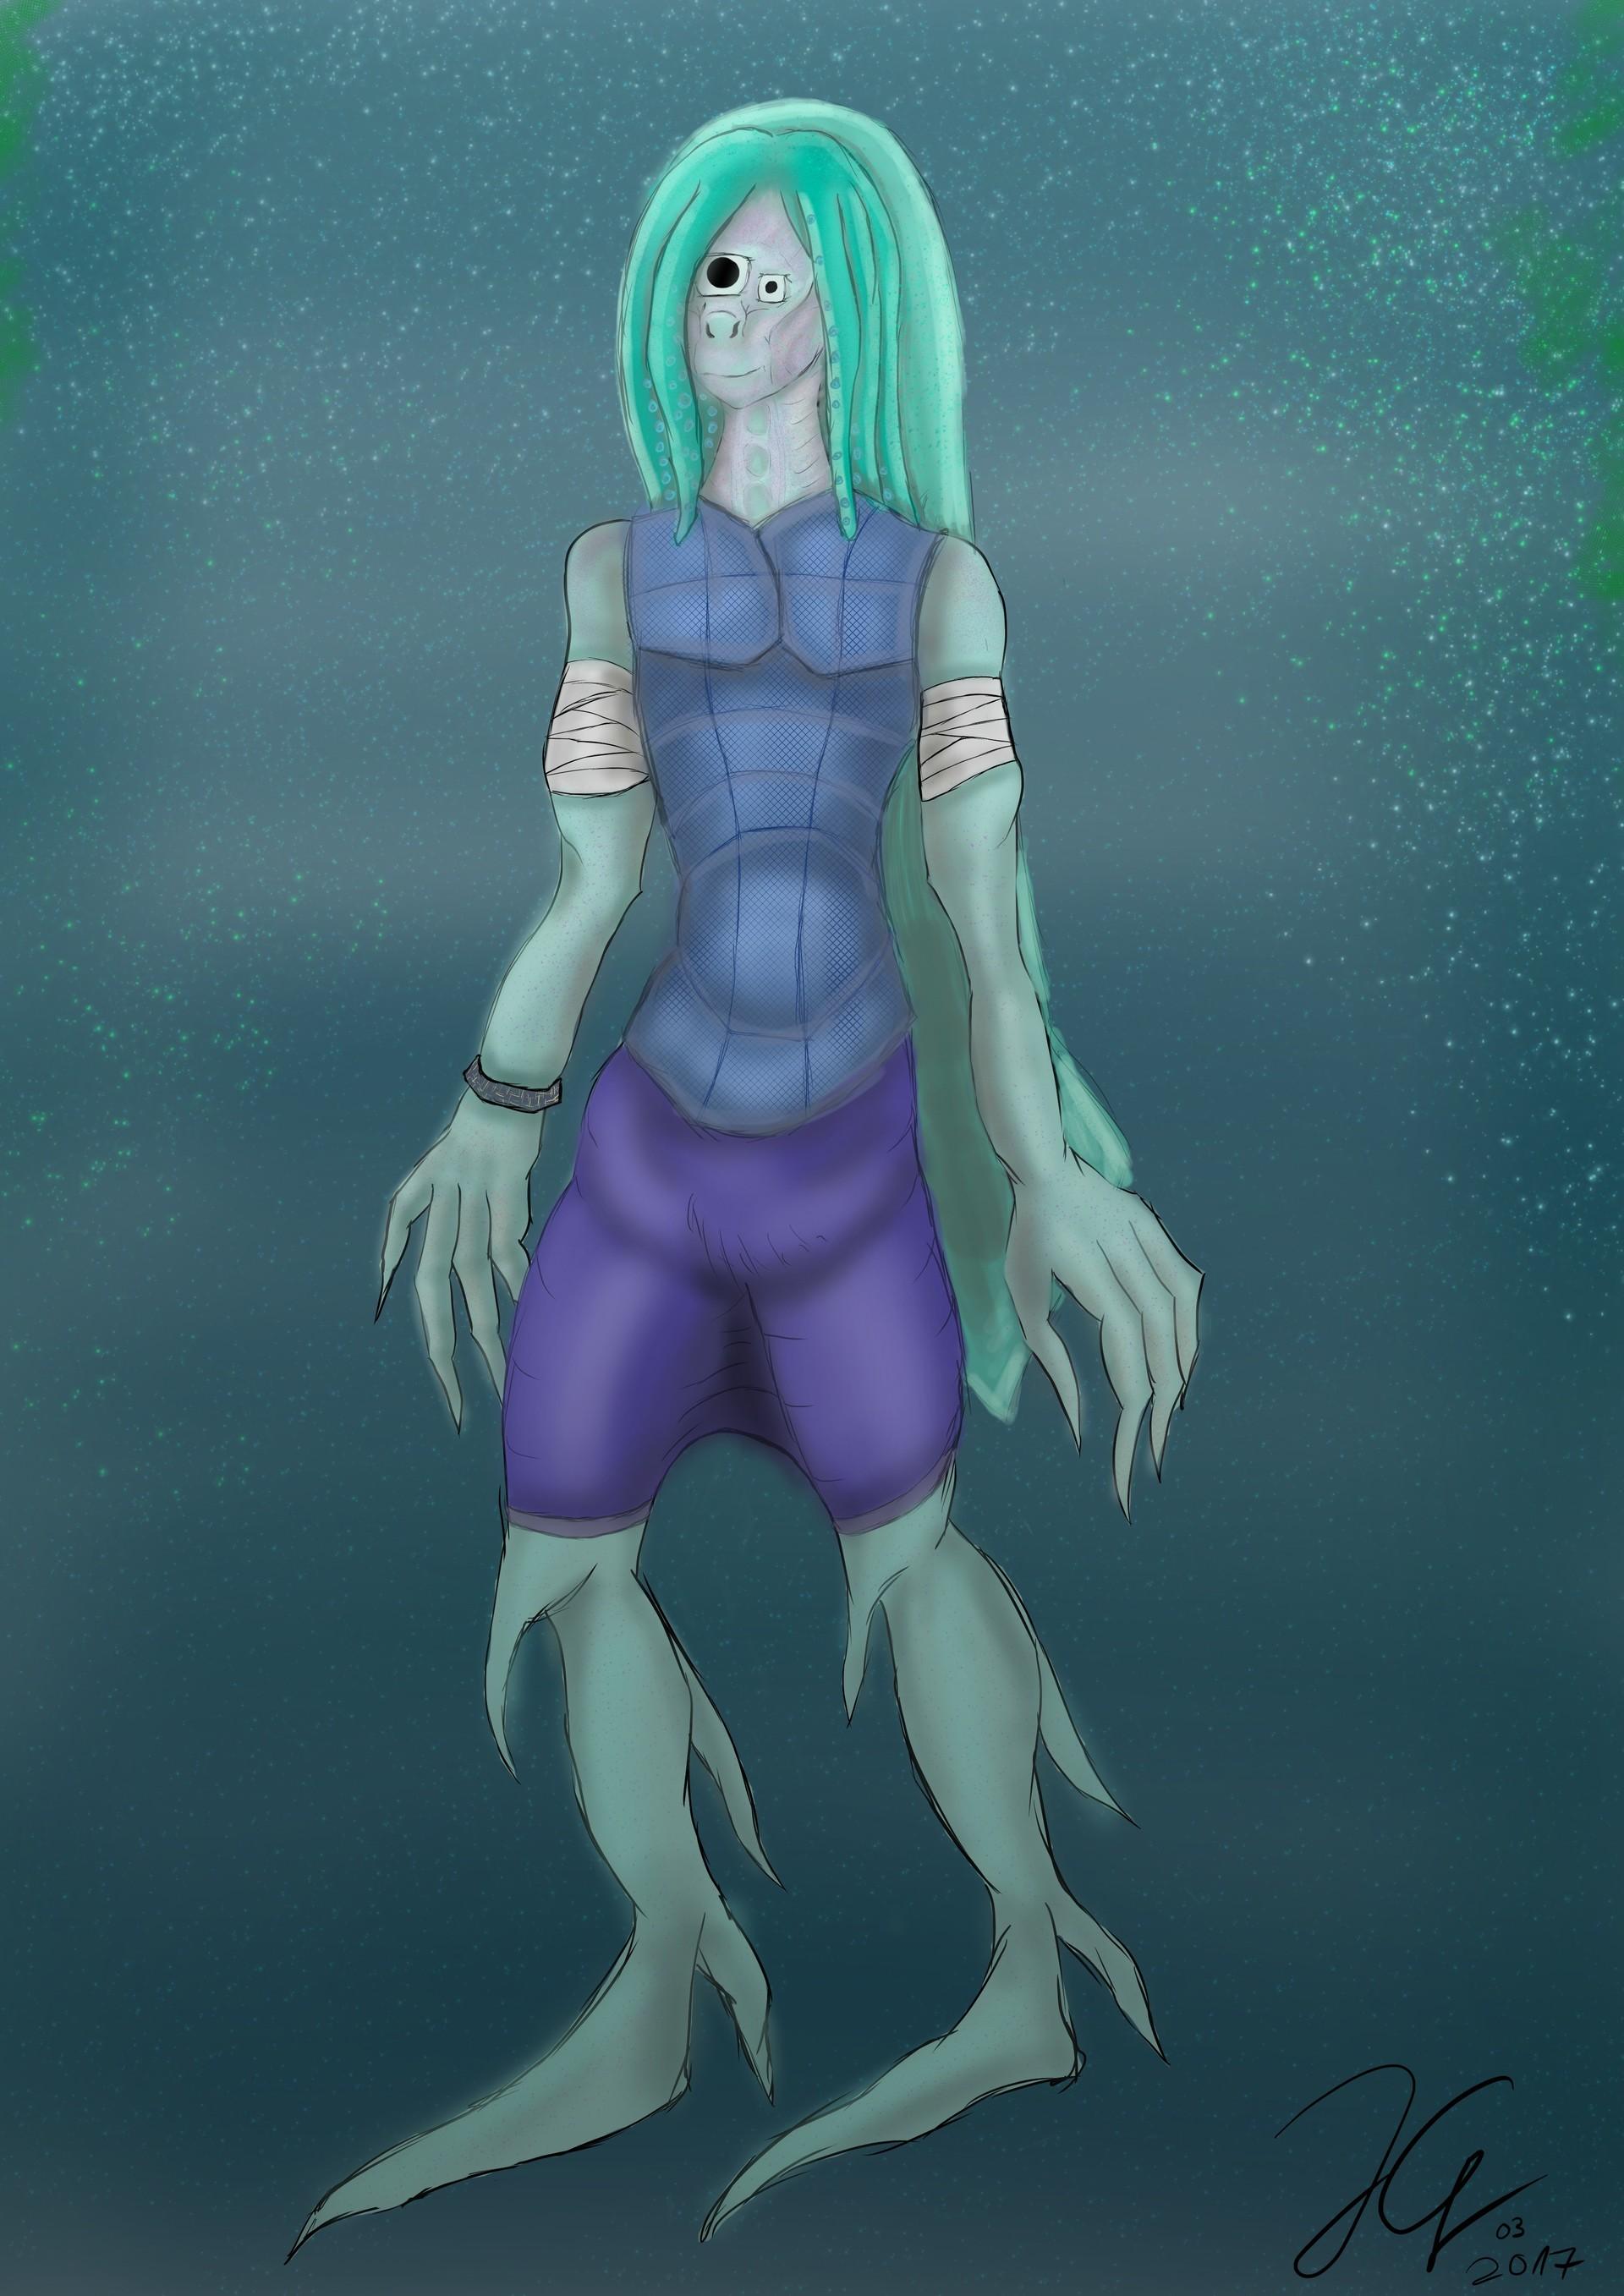 Julian granke humanoid squid conzept